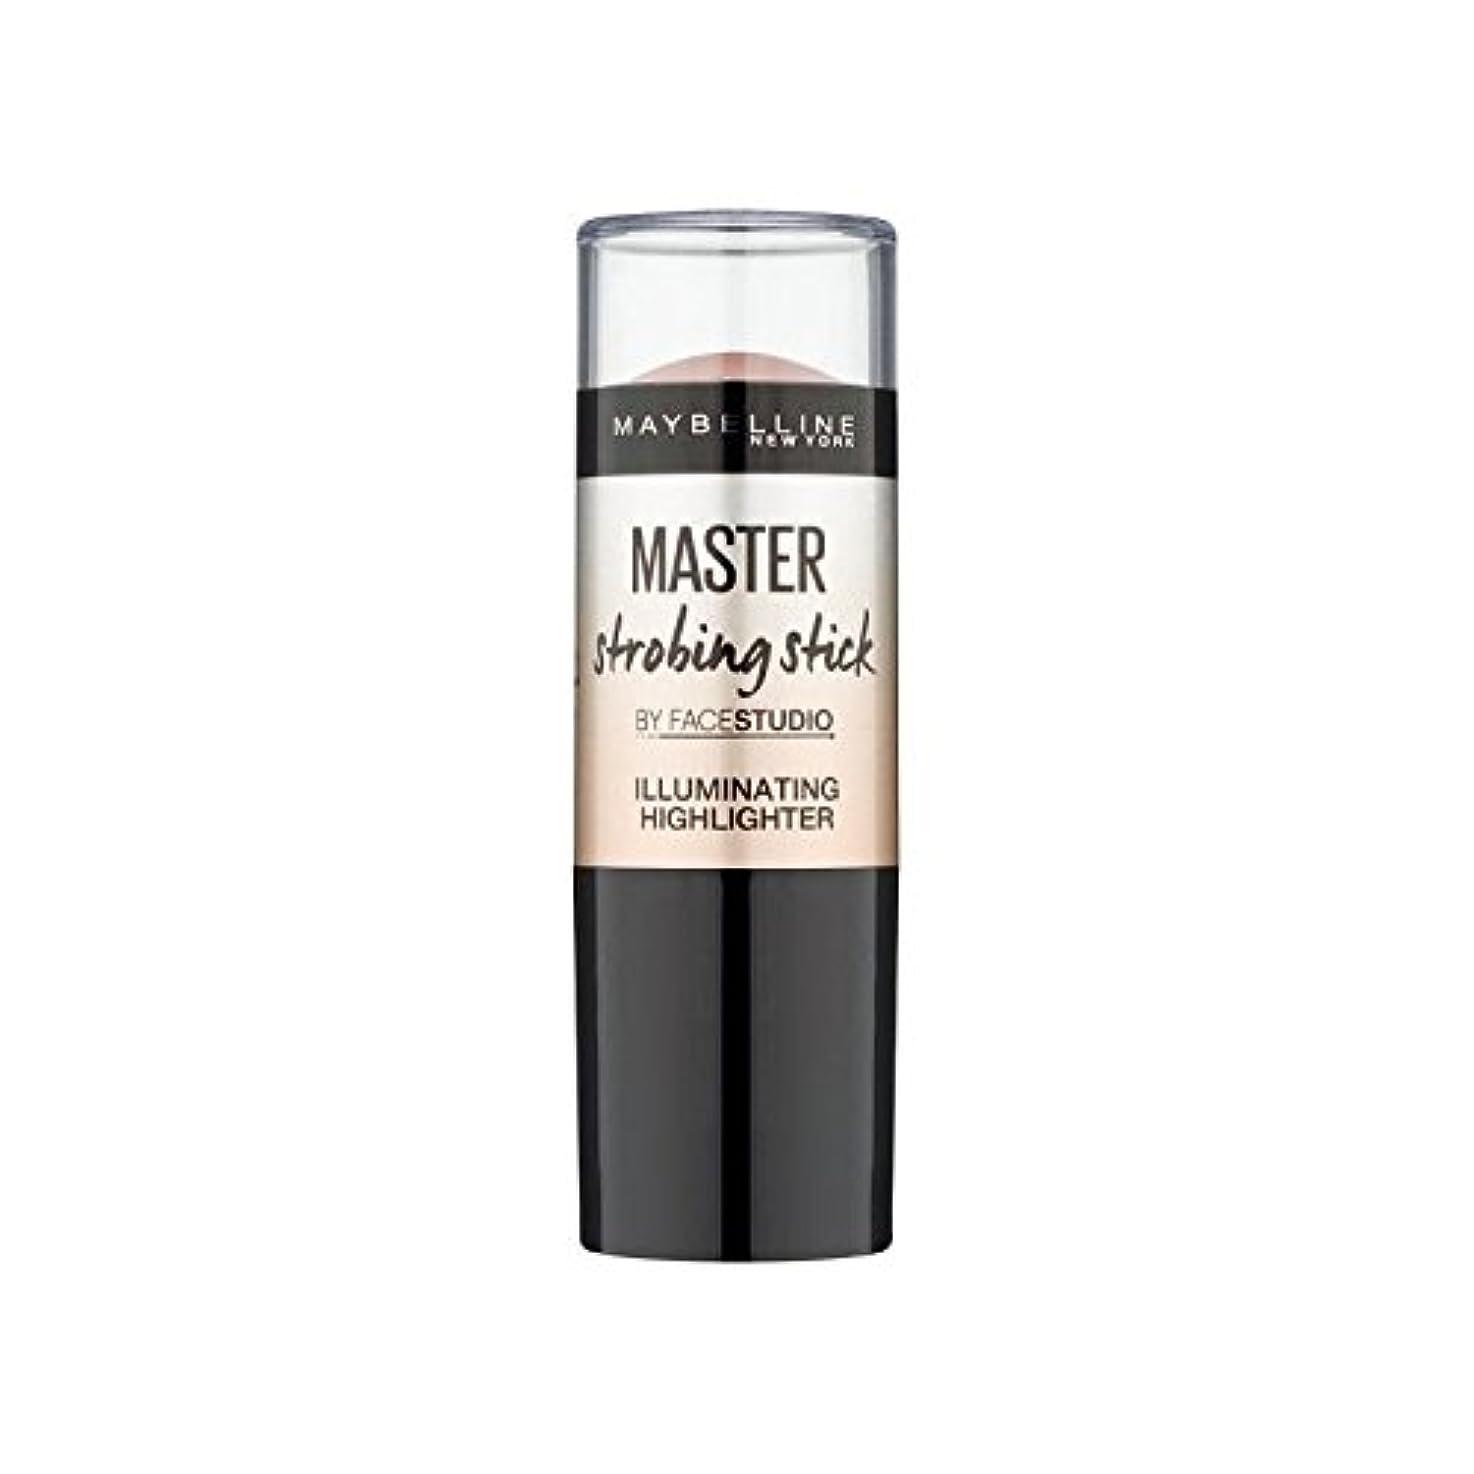 シャーロットブロンテ施しクモメイベリンマスターストロボスティックライト x2 - Maybelline Master Strobing Stick Light (Pack of 2) [並行輸入品]